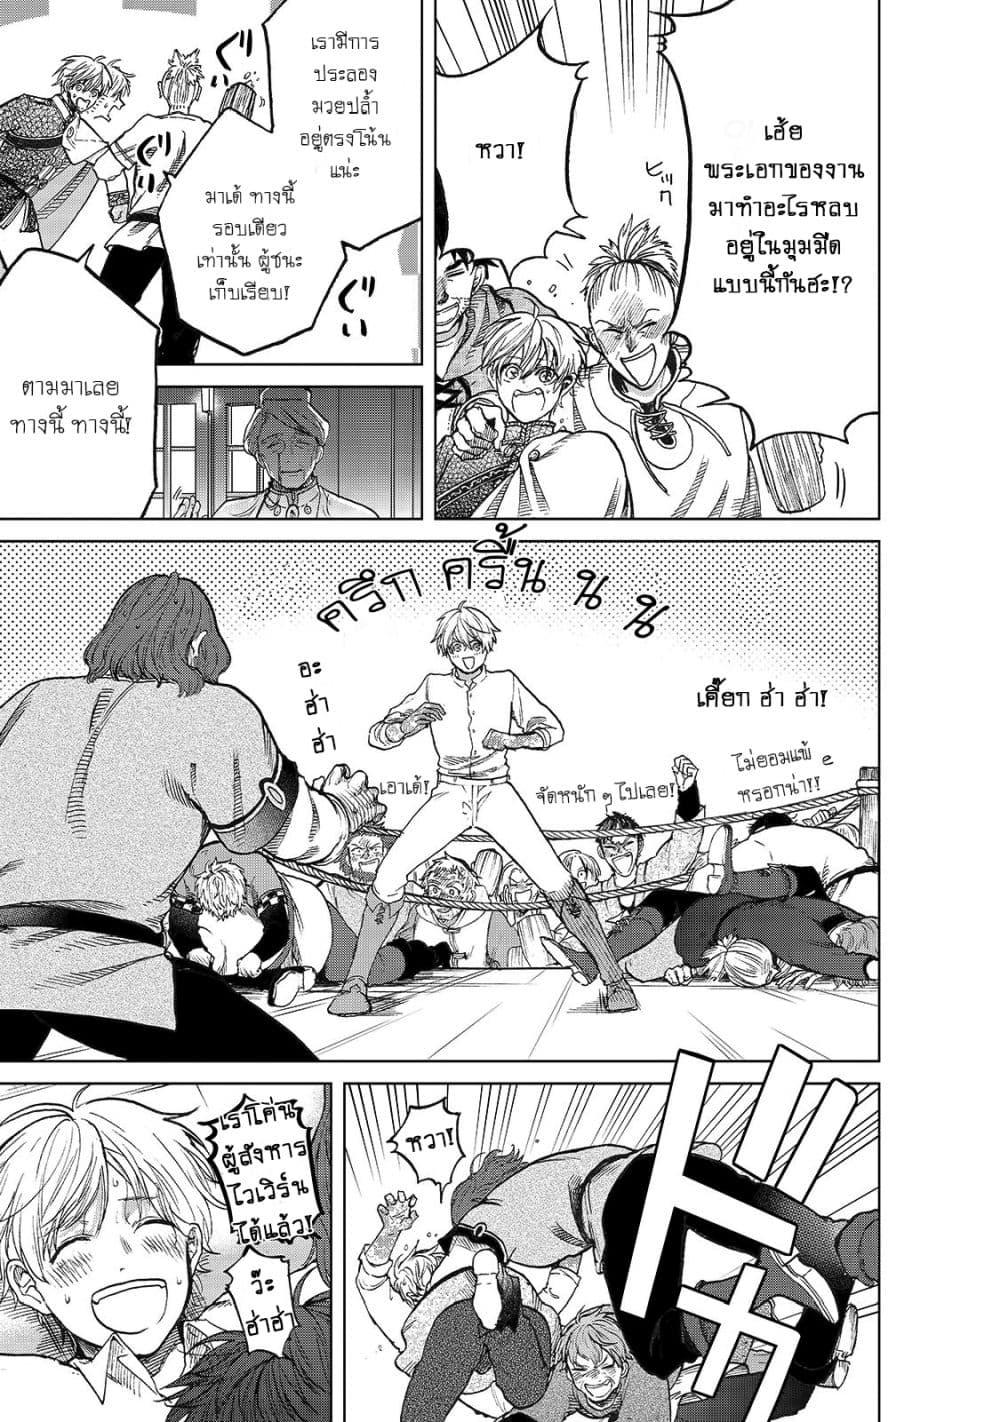 อ่านการ์ตูน Saihate no Paladin ตอนที่ 22 หน้าที่ 37